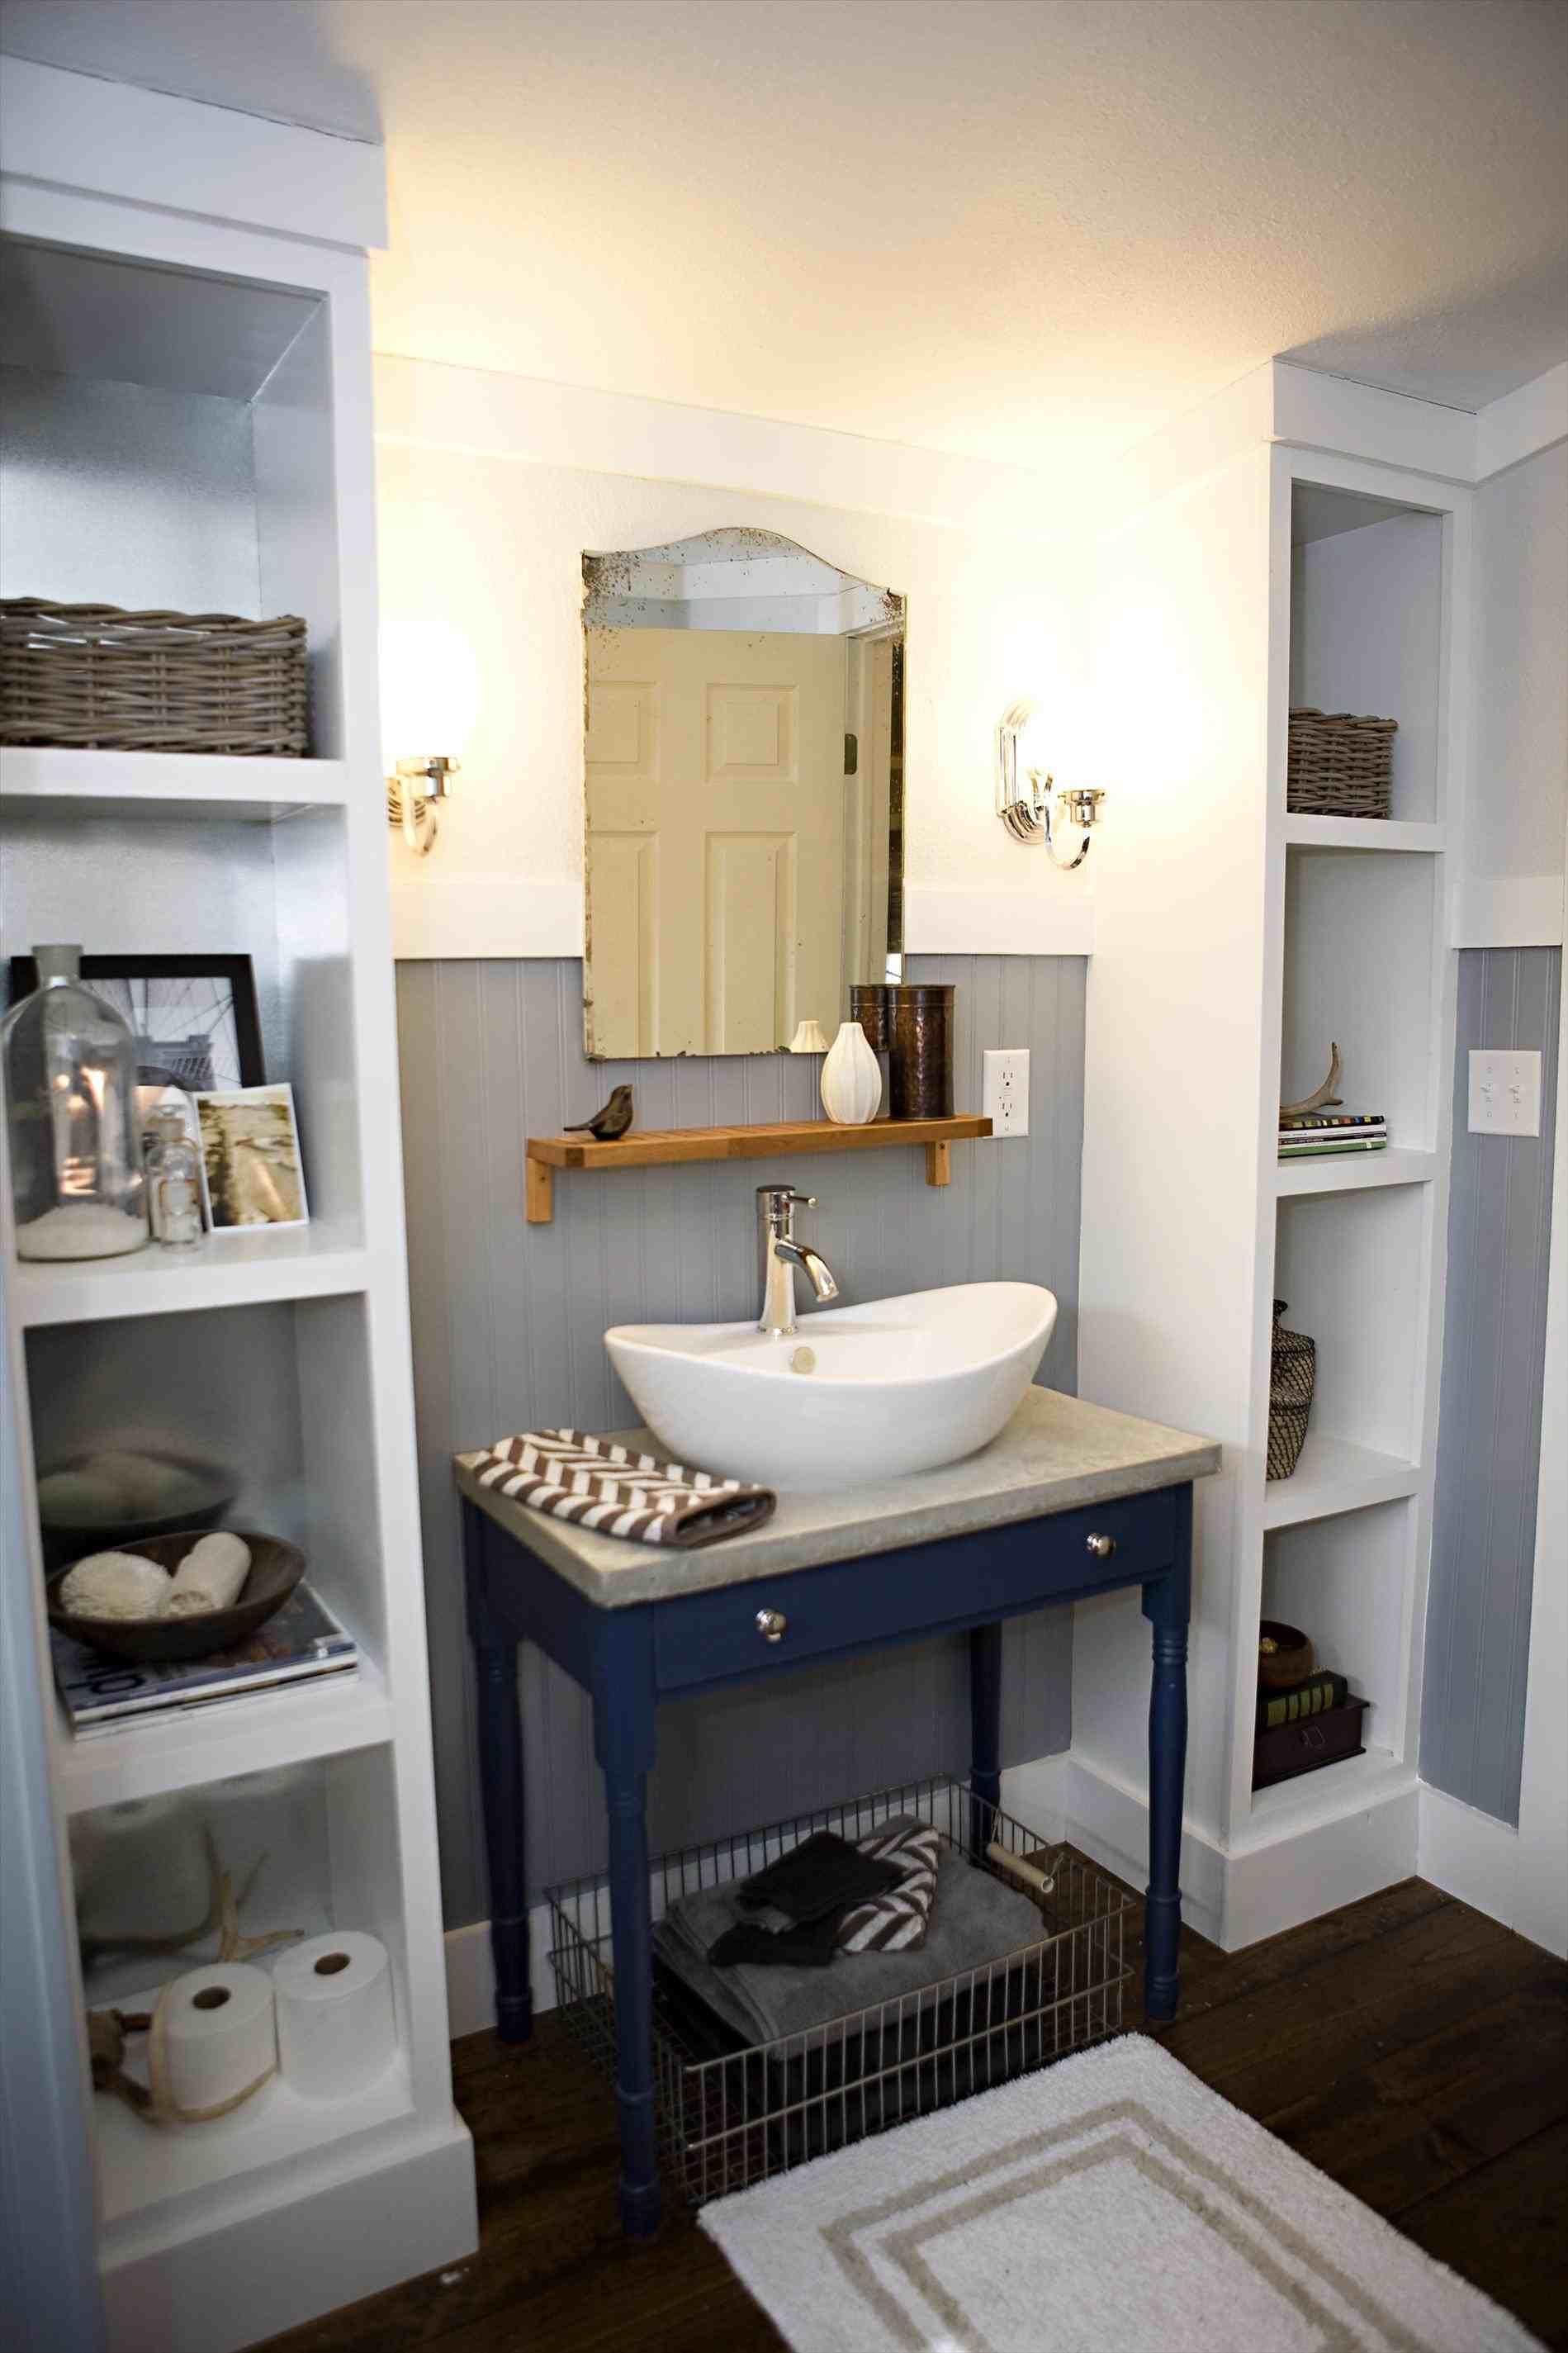 New Post Navy Bathroom Accessories Visit Bathroomremodelideassclub